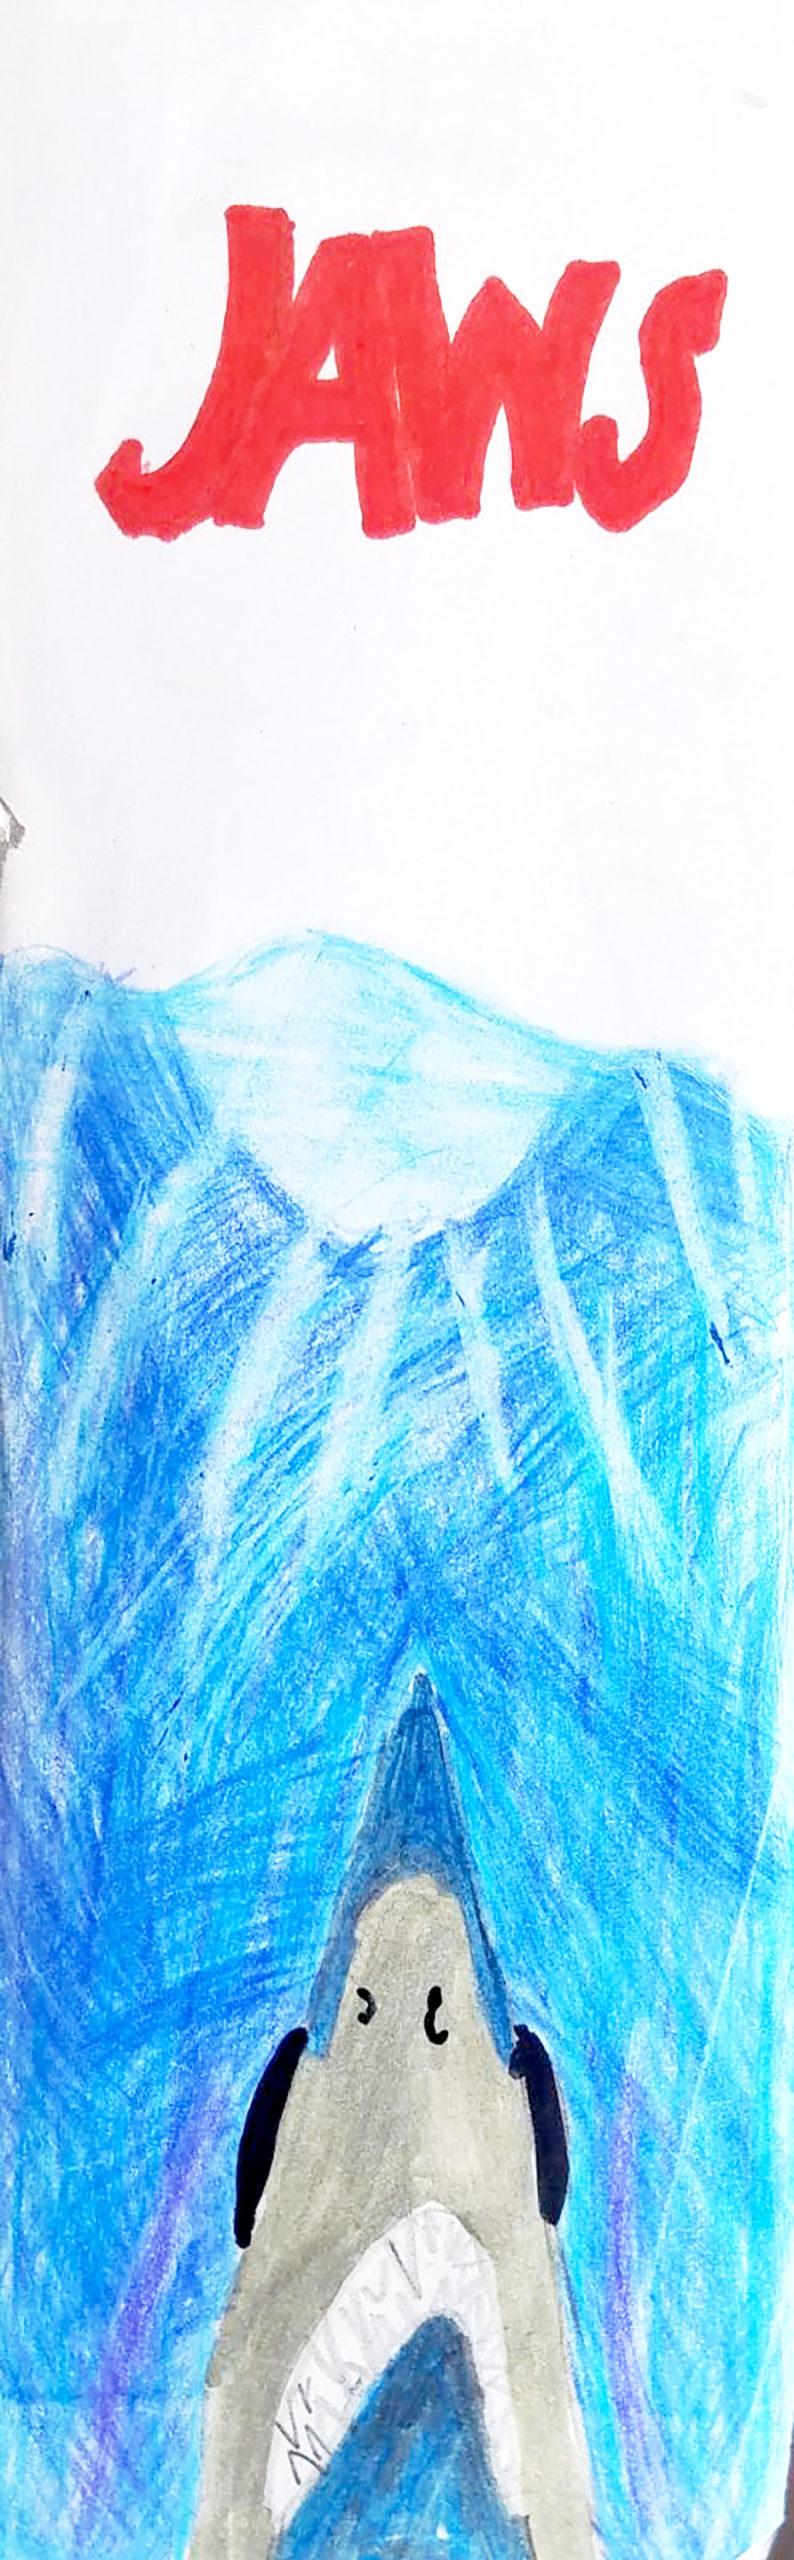 VIR Urijah V 10 Jaws colored pencil